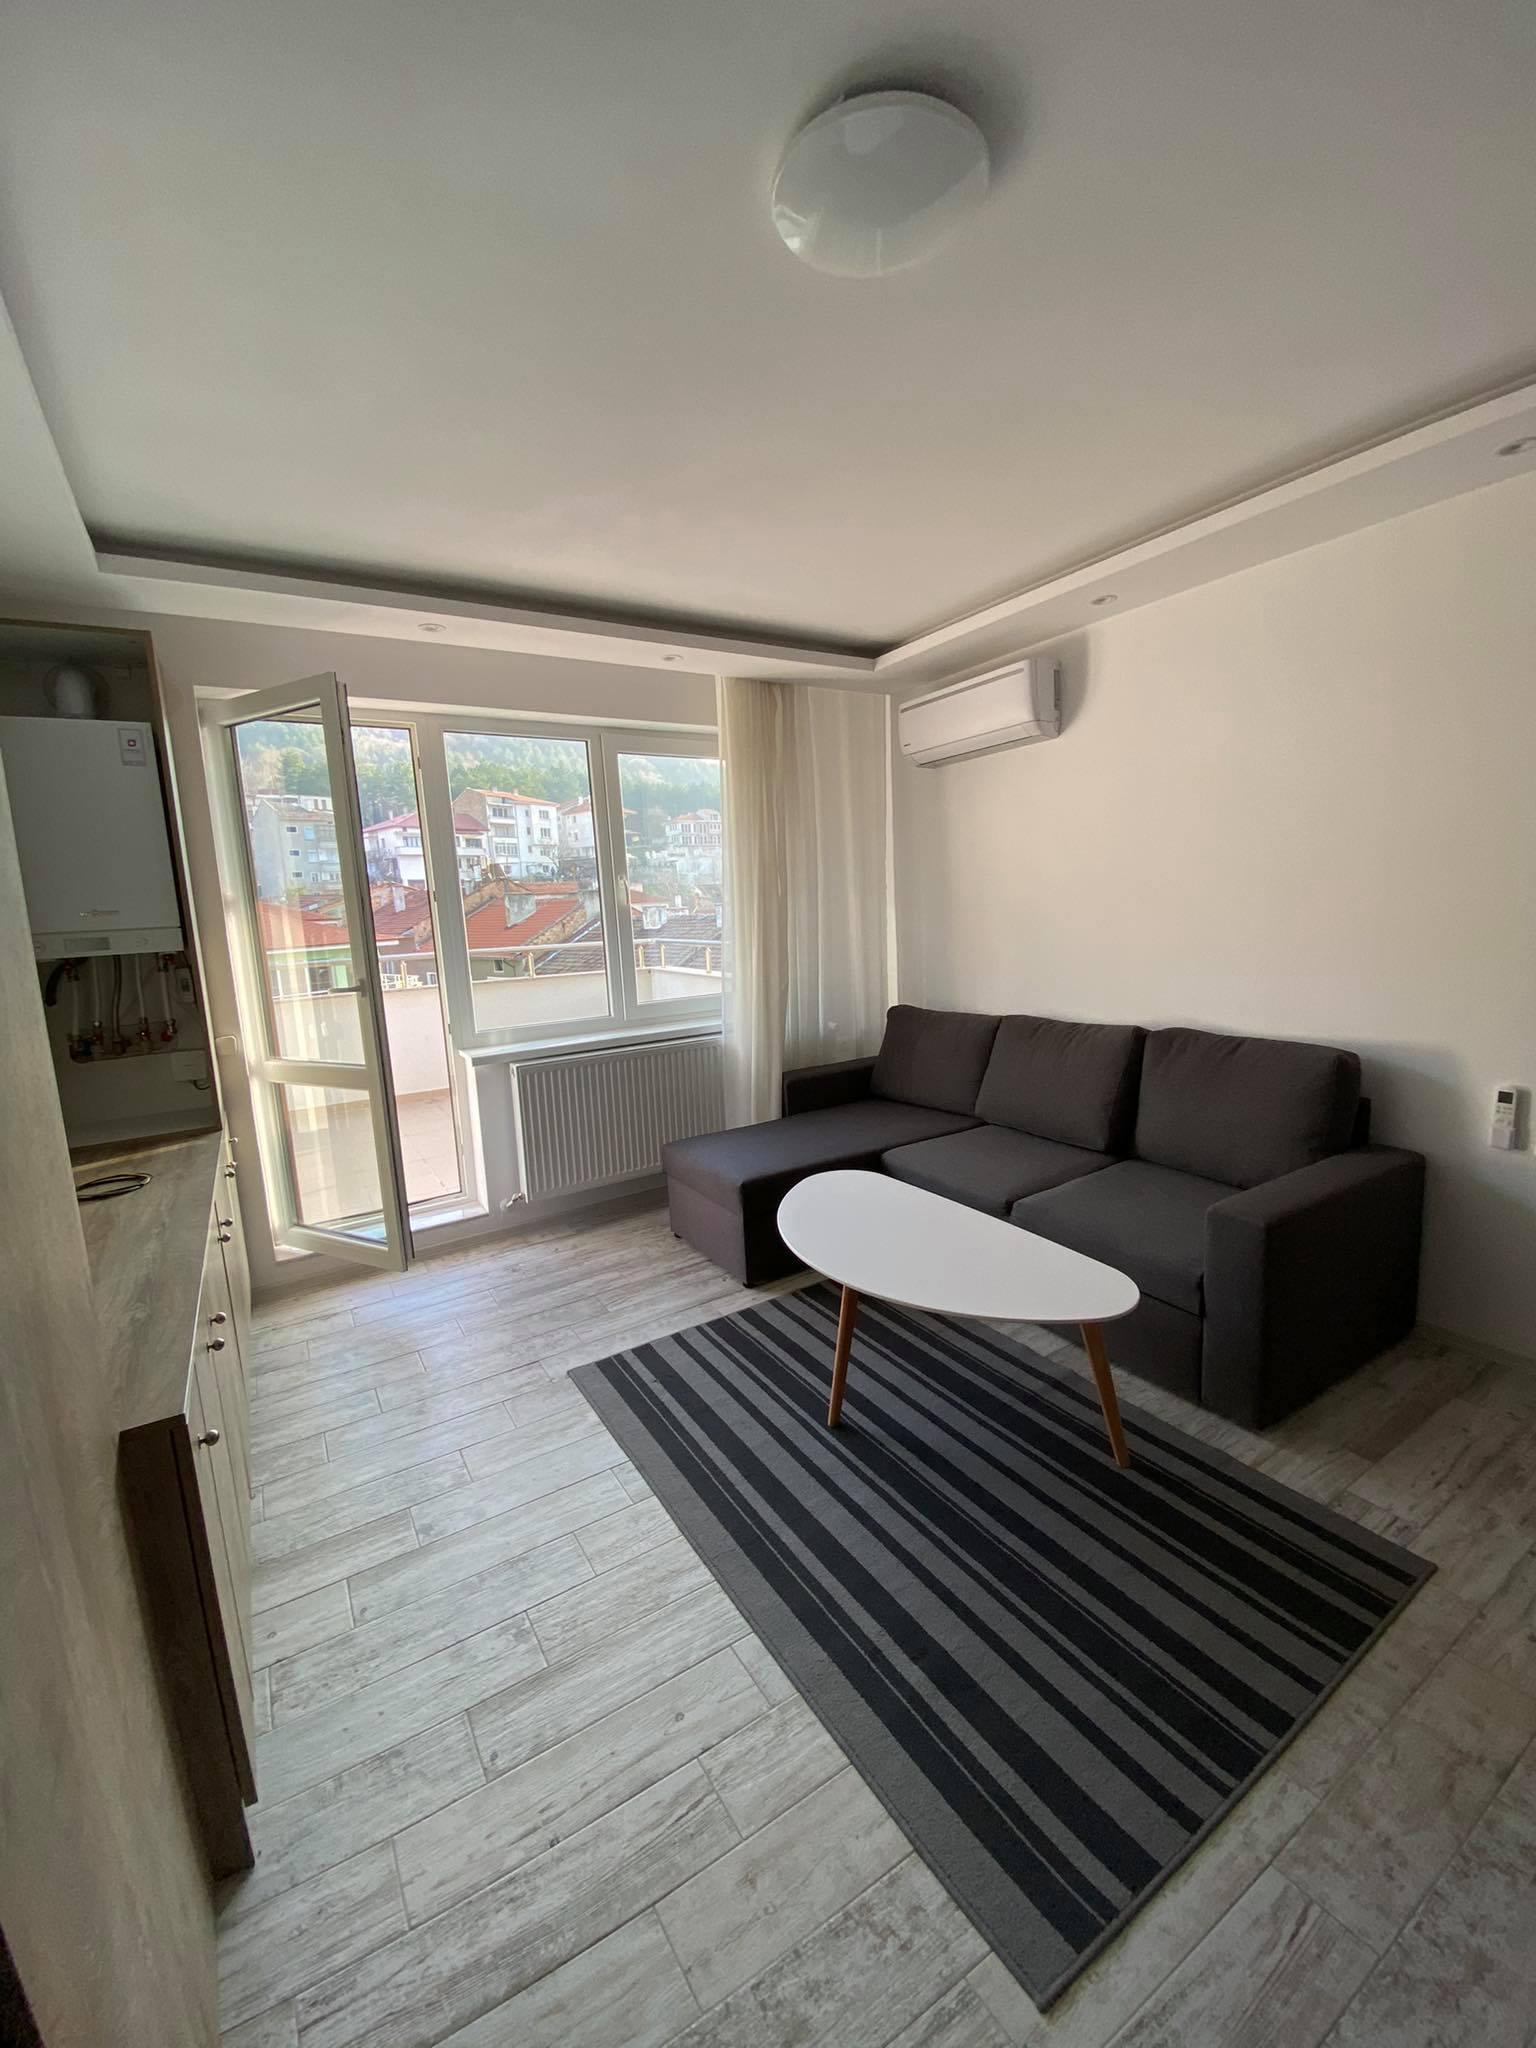 Тристаен апартамент - Жорж махала , 90 000 евро